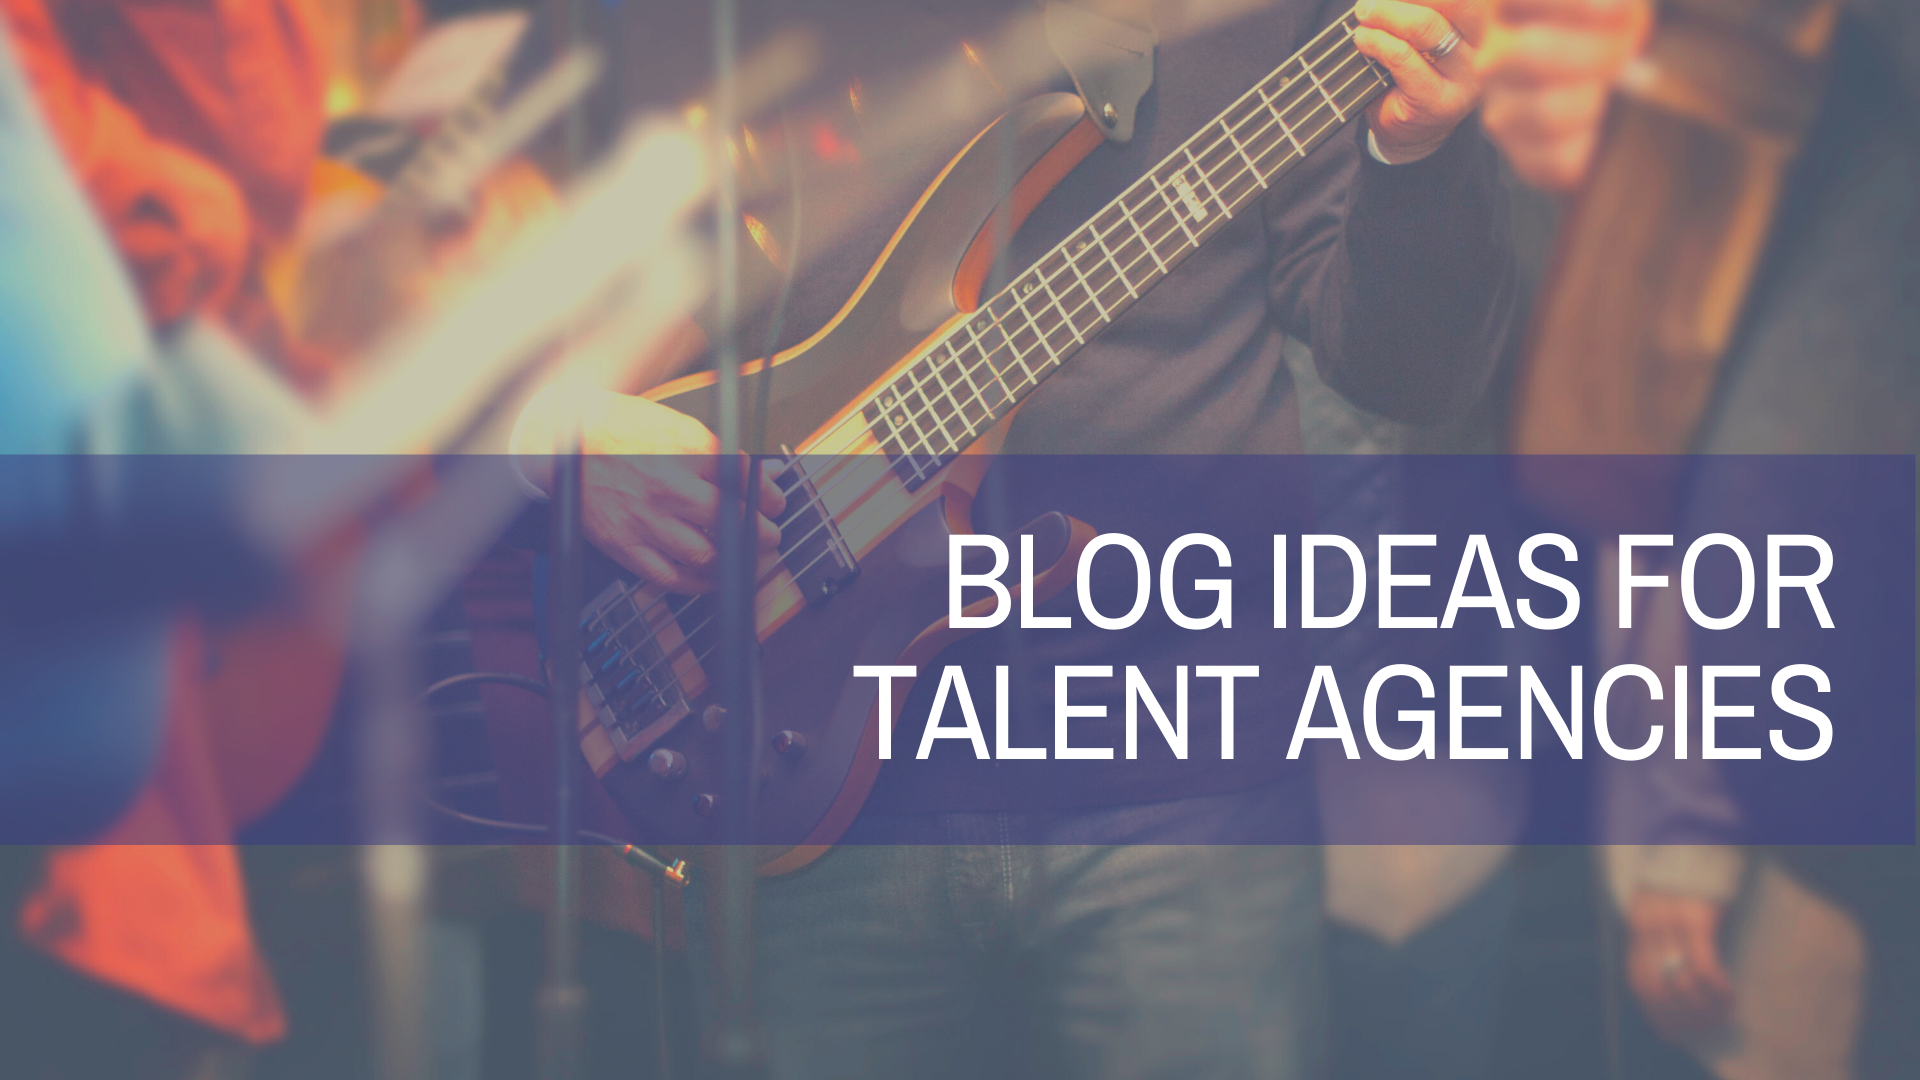 Blog Ideas for Talent Agencies